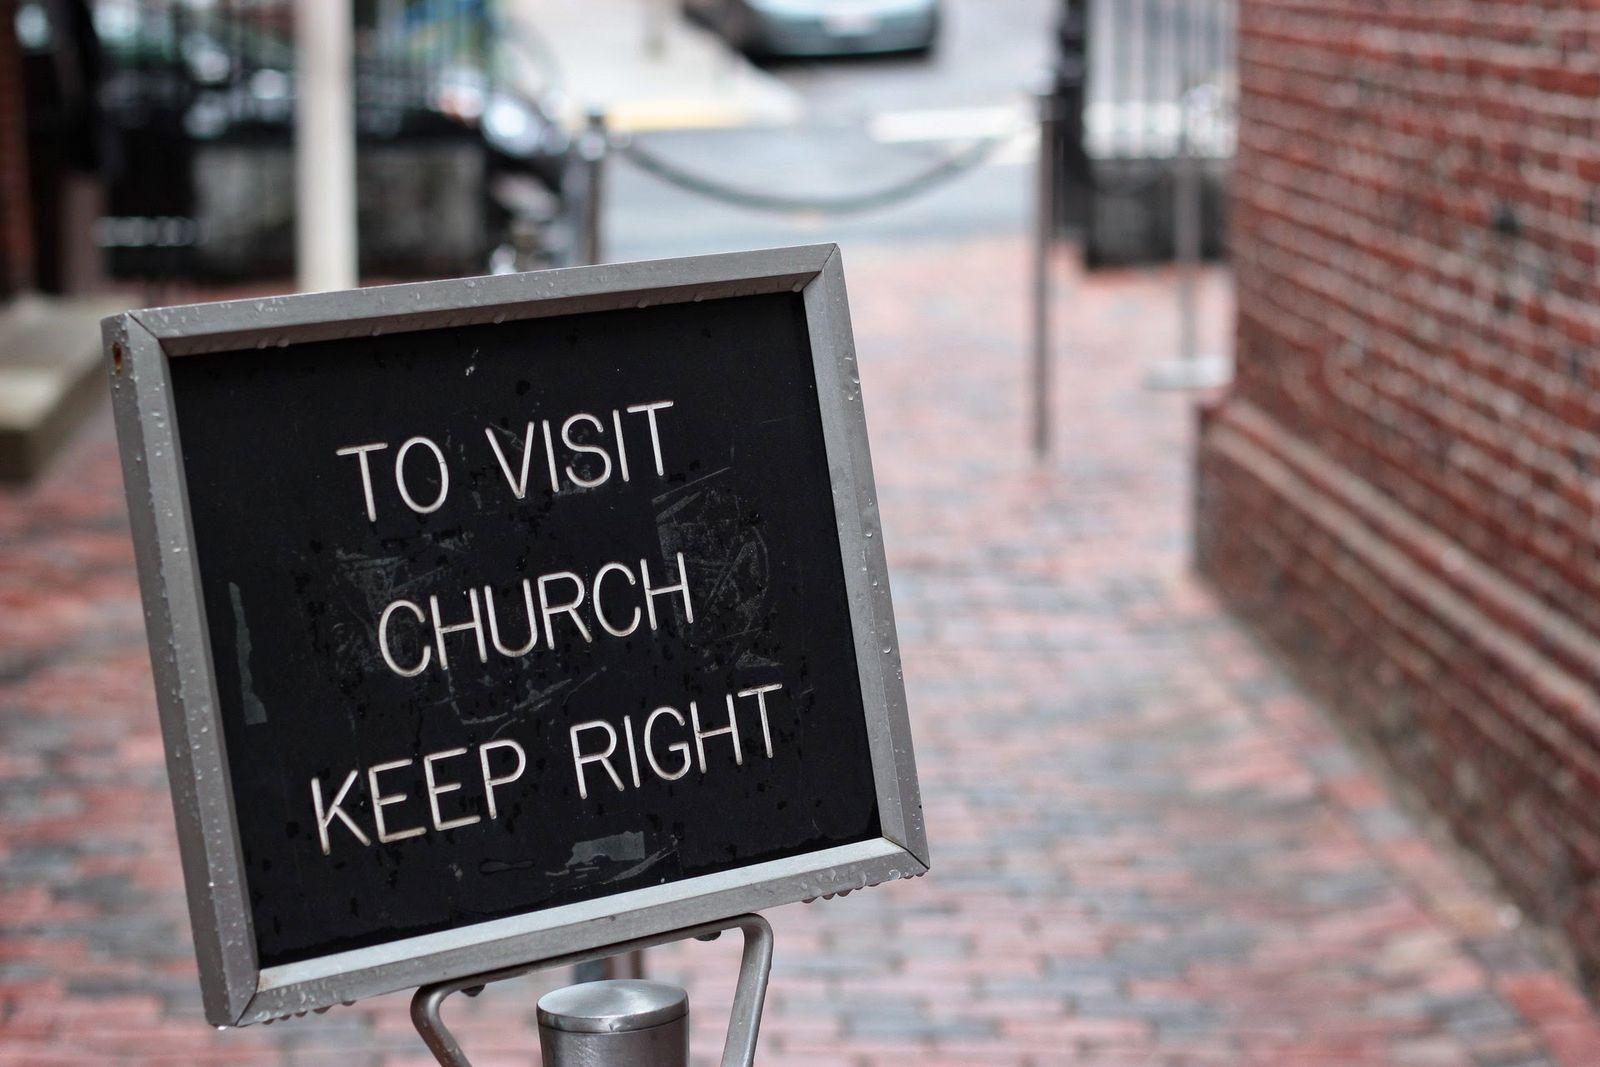 La iglesia, siempre a la derecha